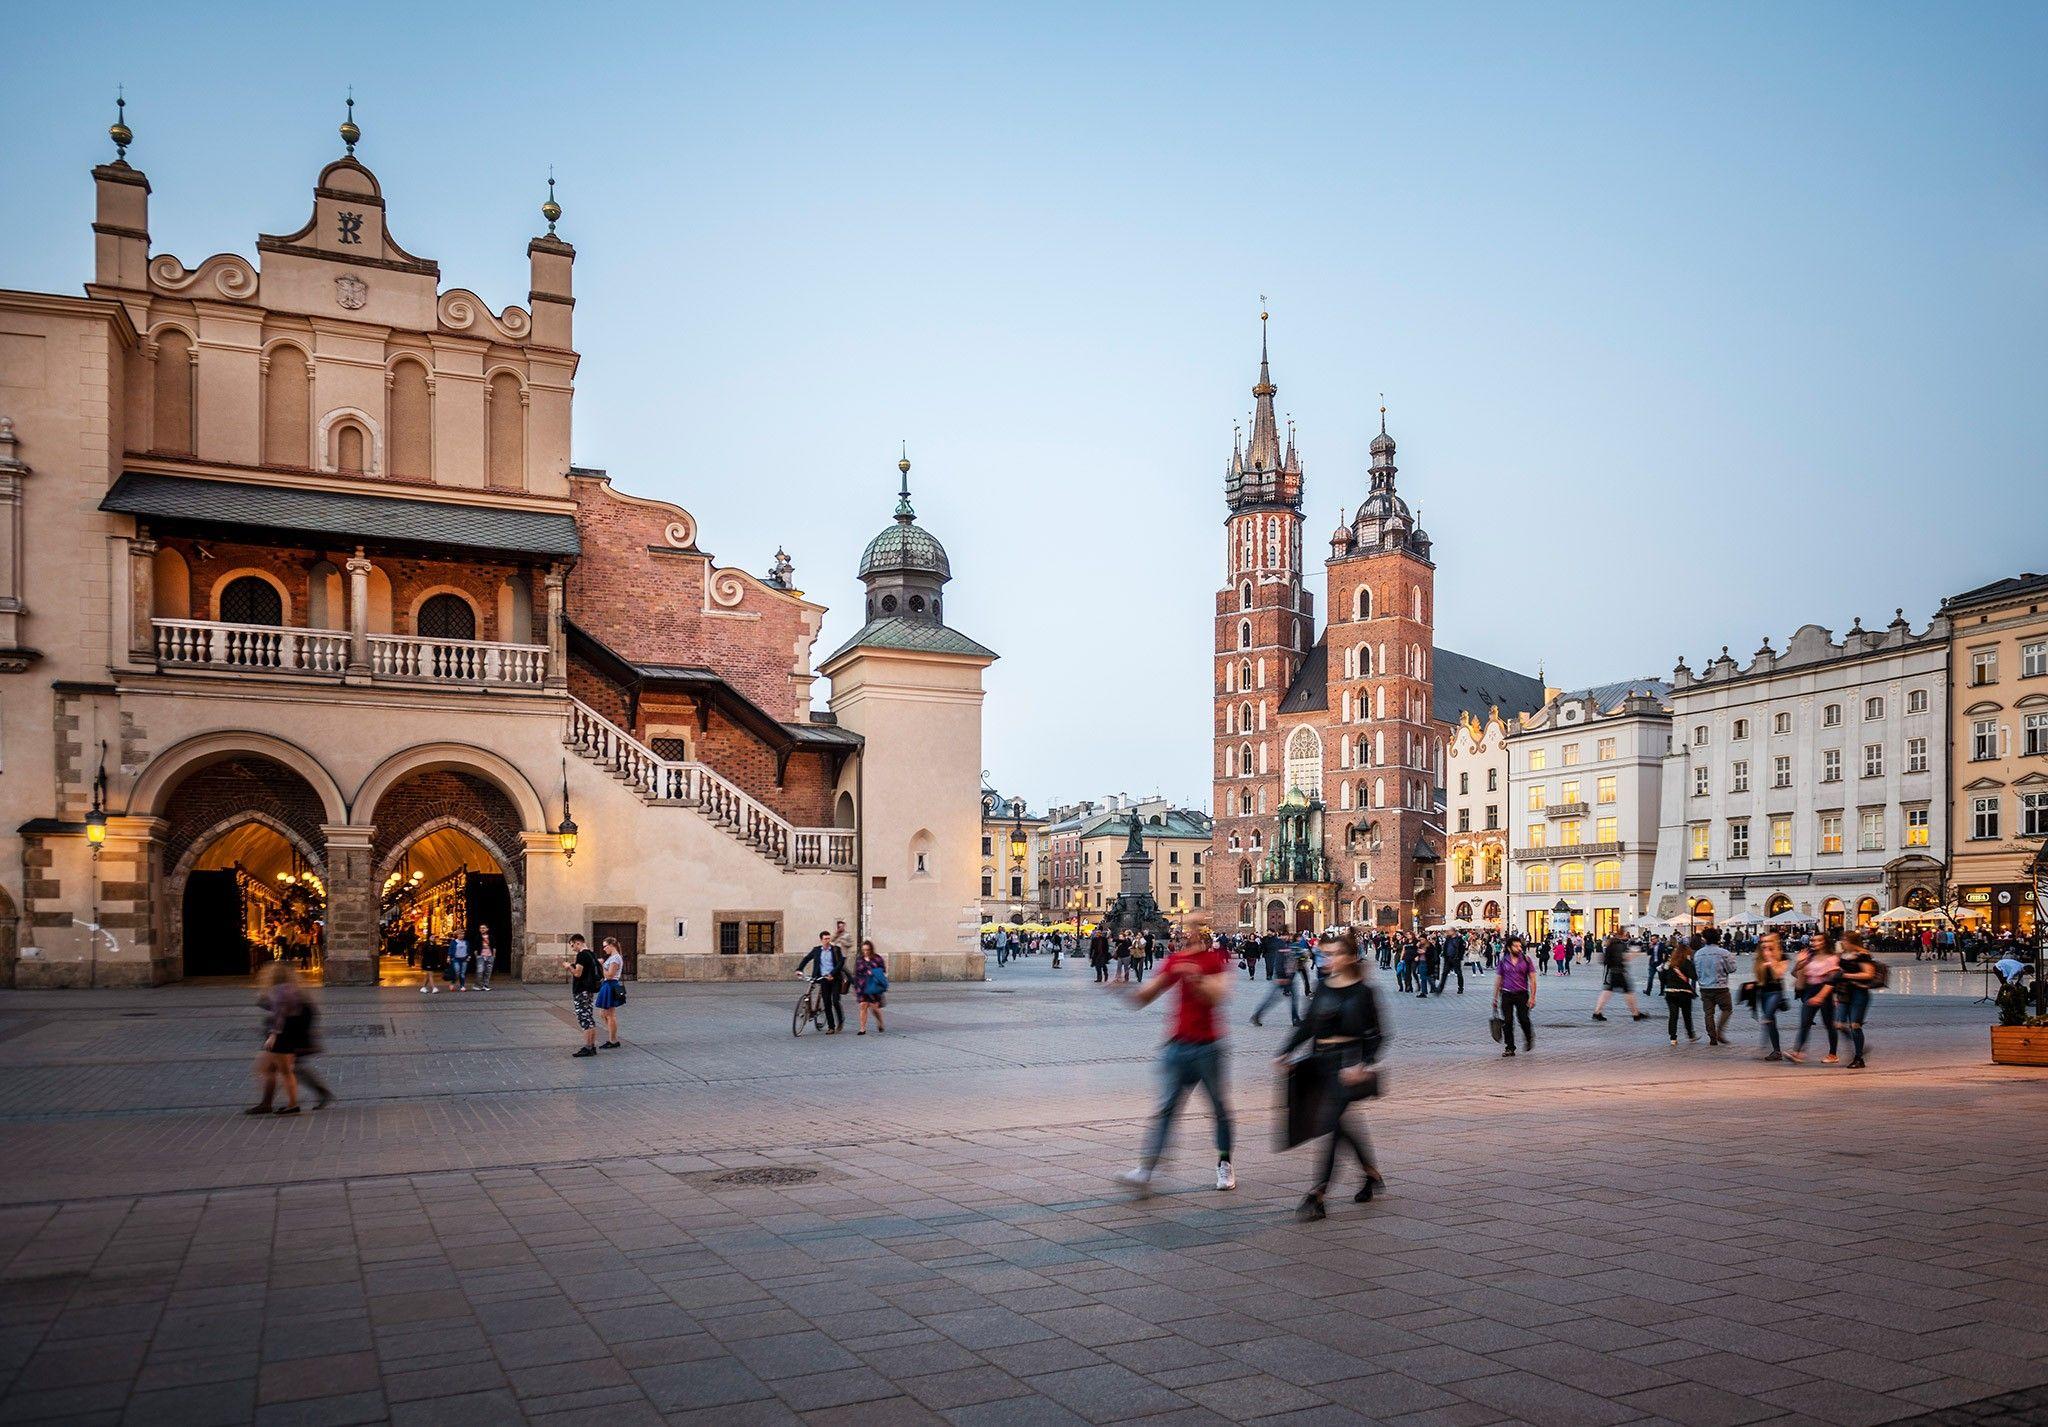 Pourquoi Cracovie est-elle si populaire ? | National Geographic